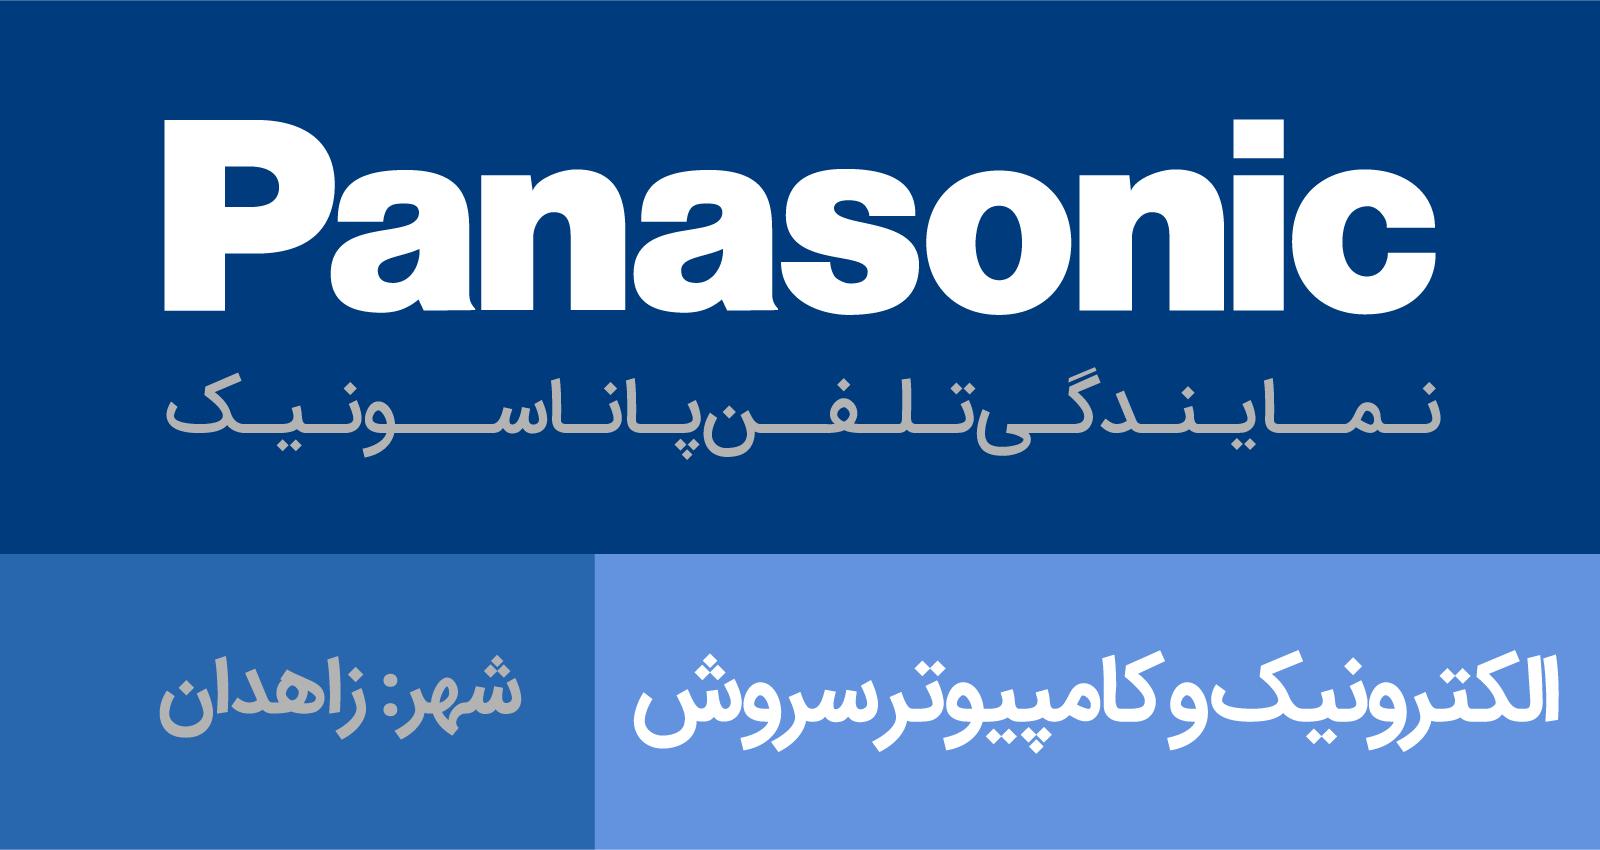 نمایندگی پاناسونیک زاهدان - الکترونیک و کامپیوتر سروش